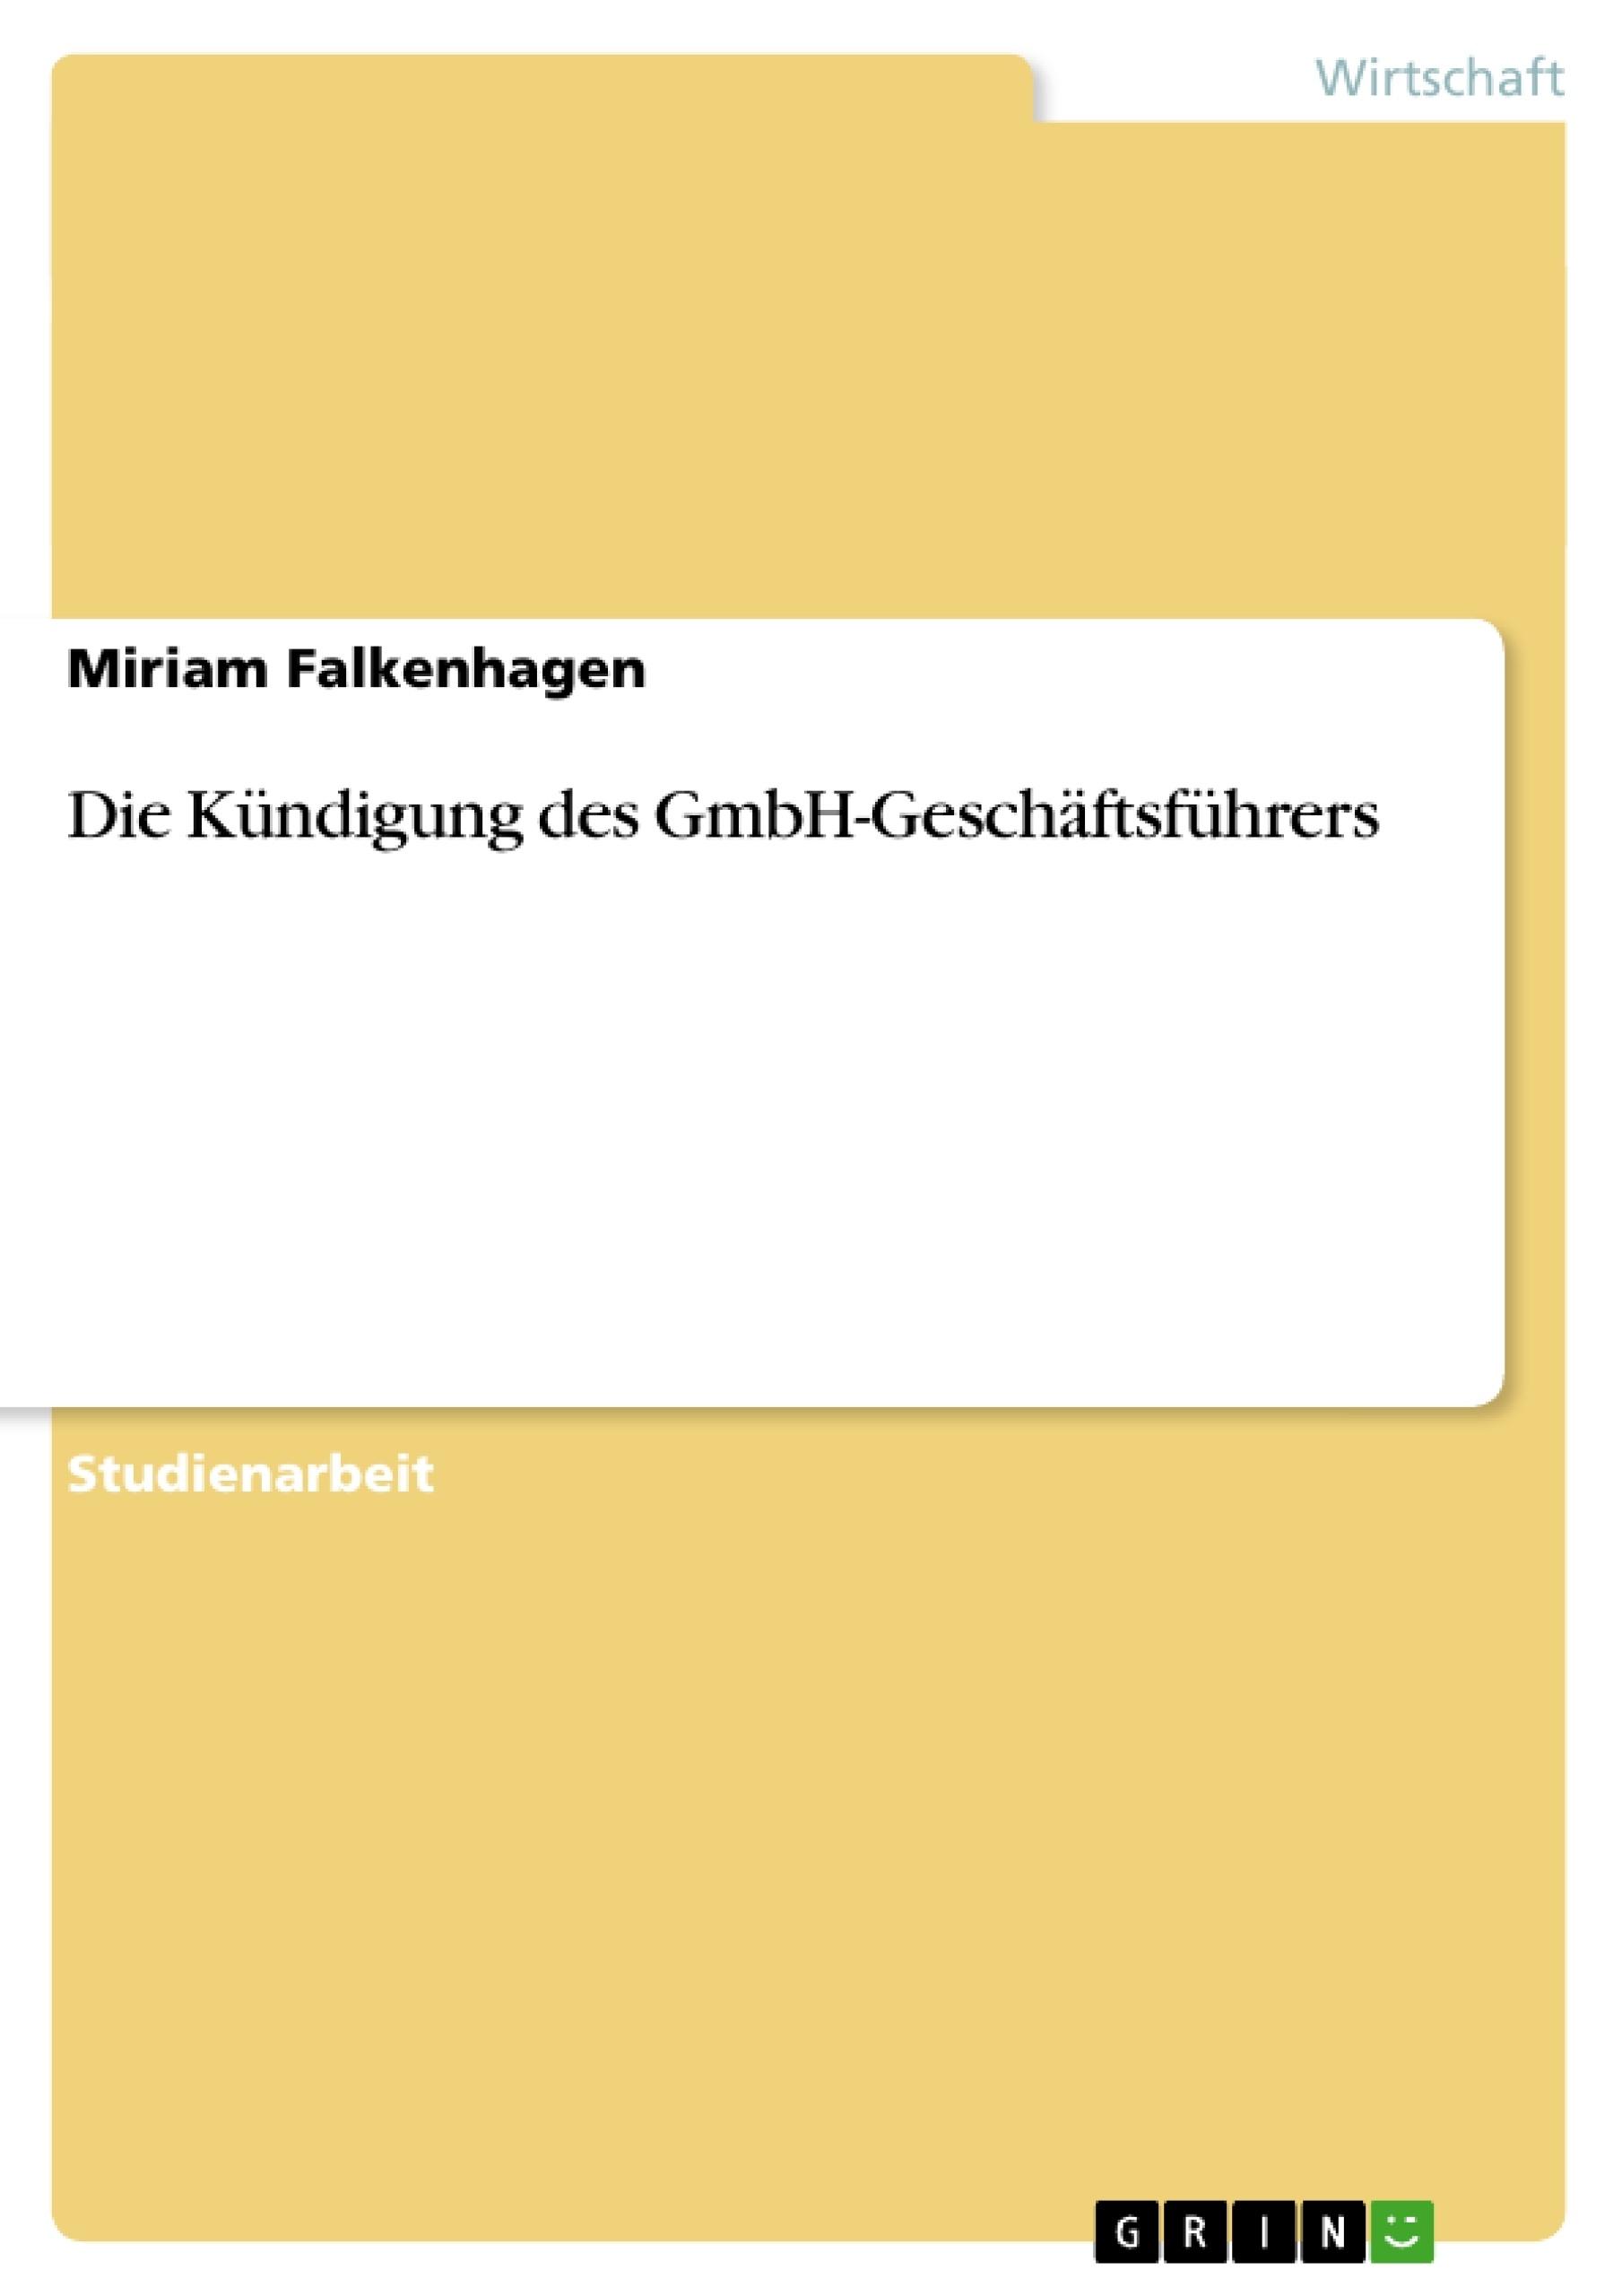 Titel: Die Kündigung des GmbH-Geschäftsführers